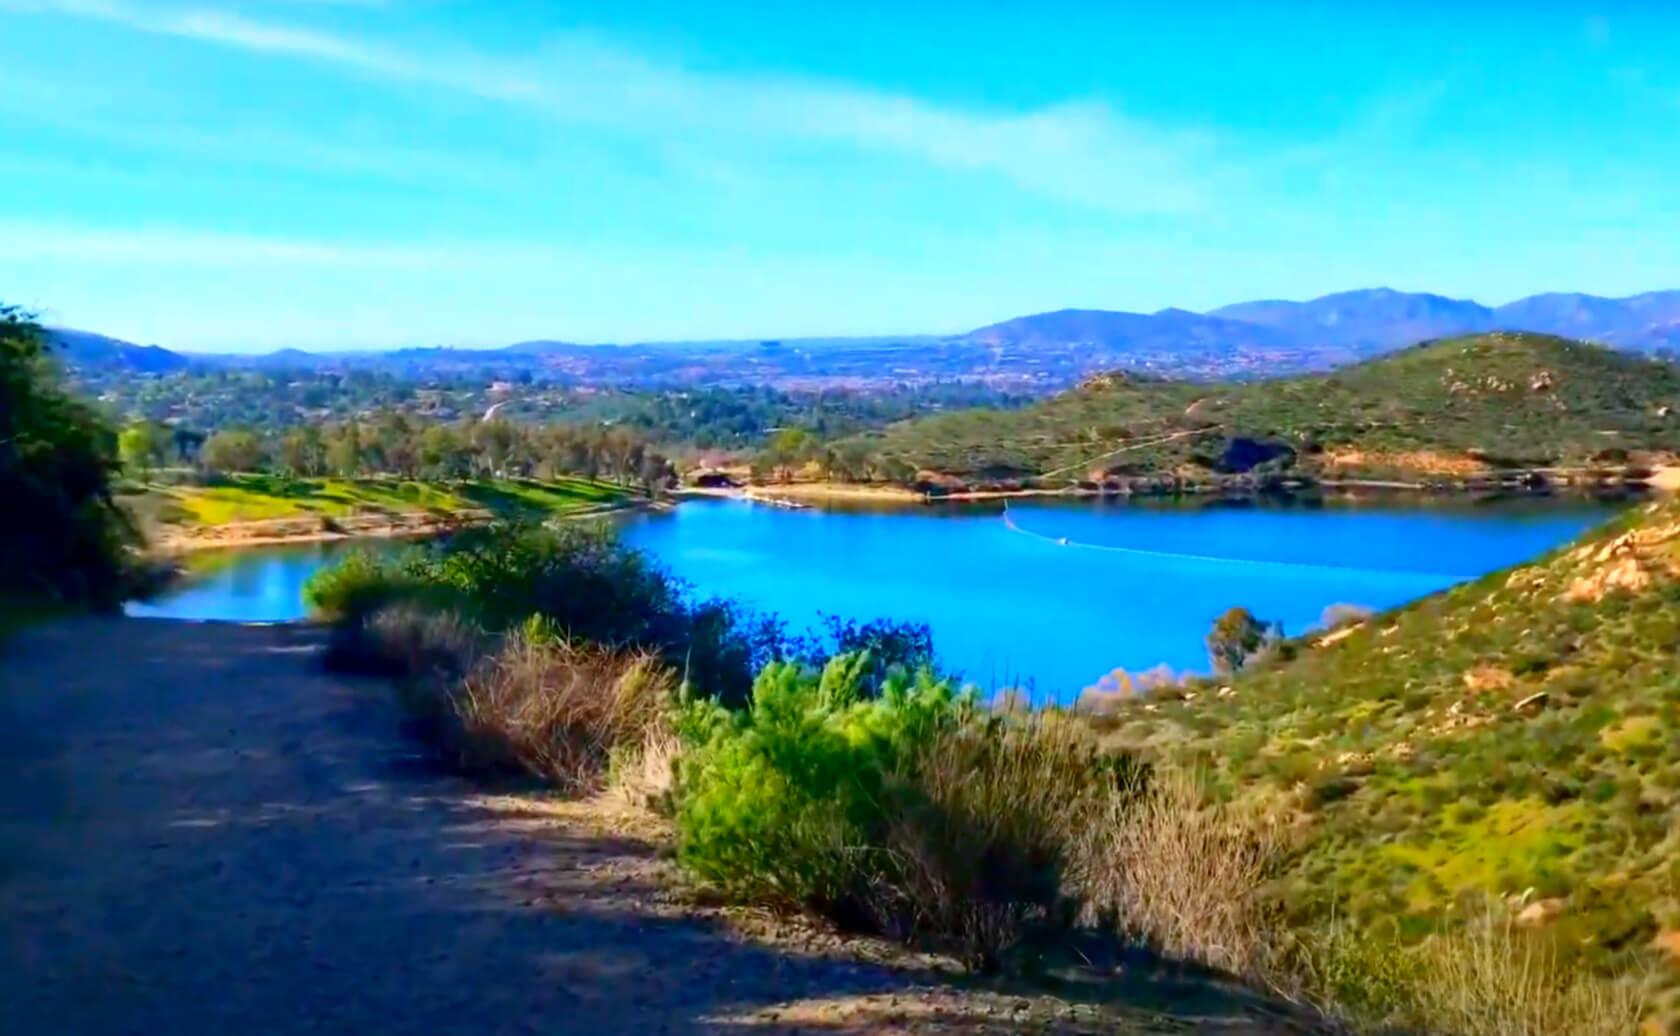 Poway-Lake-Fishing-Guide-Report-California-01